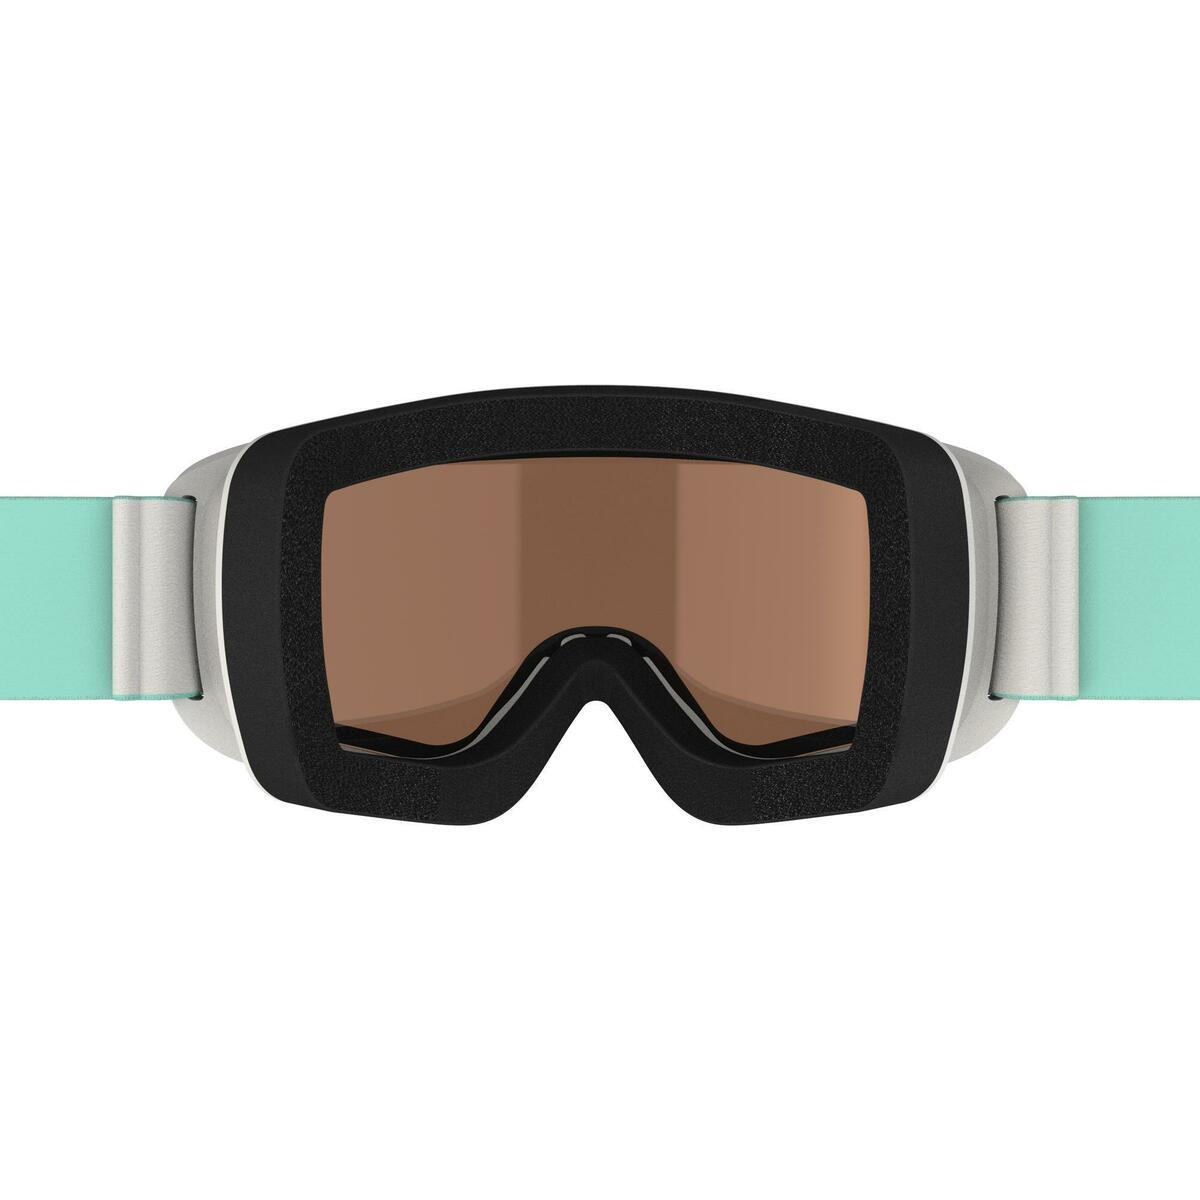 Bild 4 von Skibrille G 140 S3 Mädchen und Frauen schönes Wetter grau